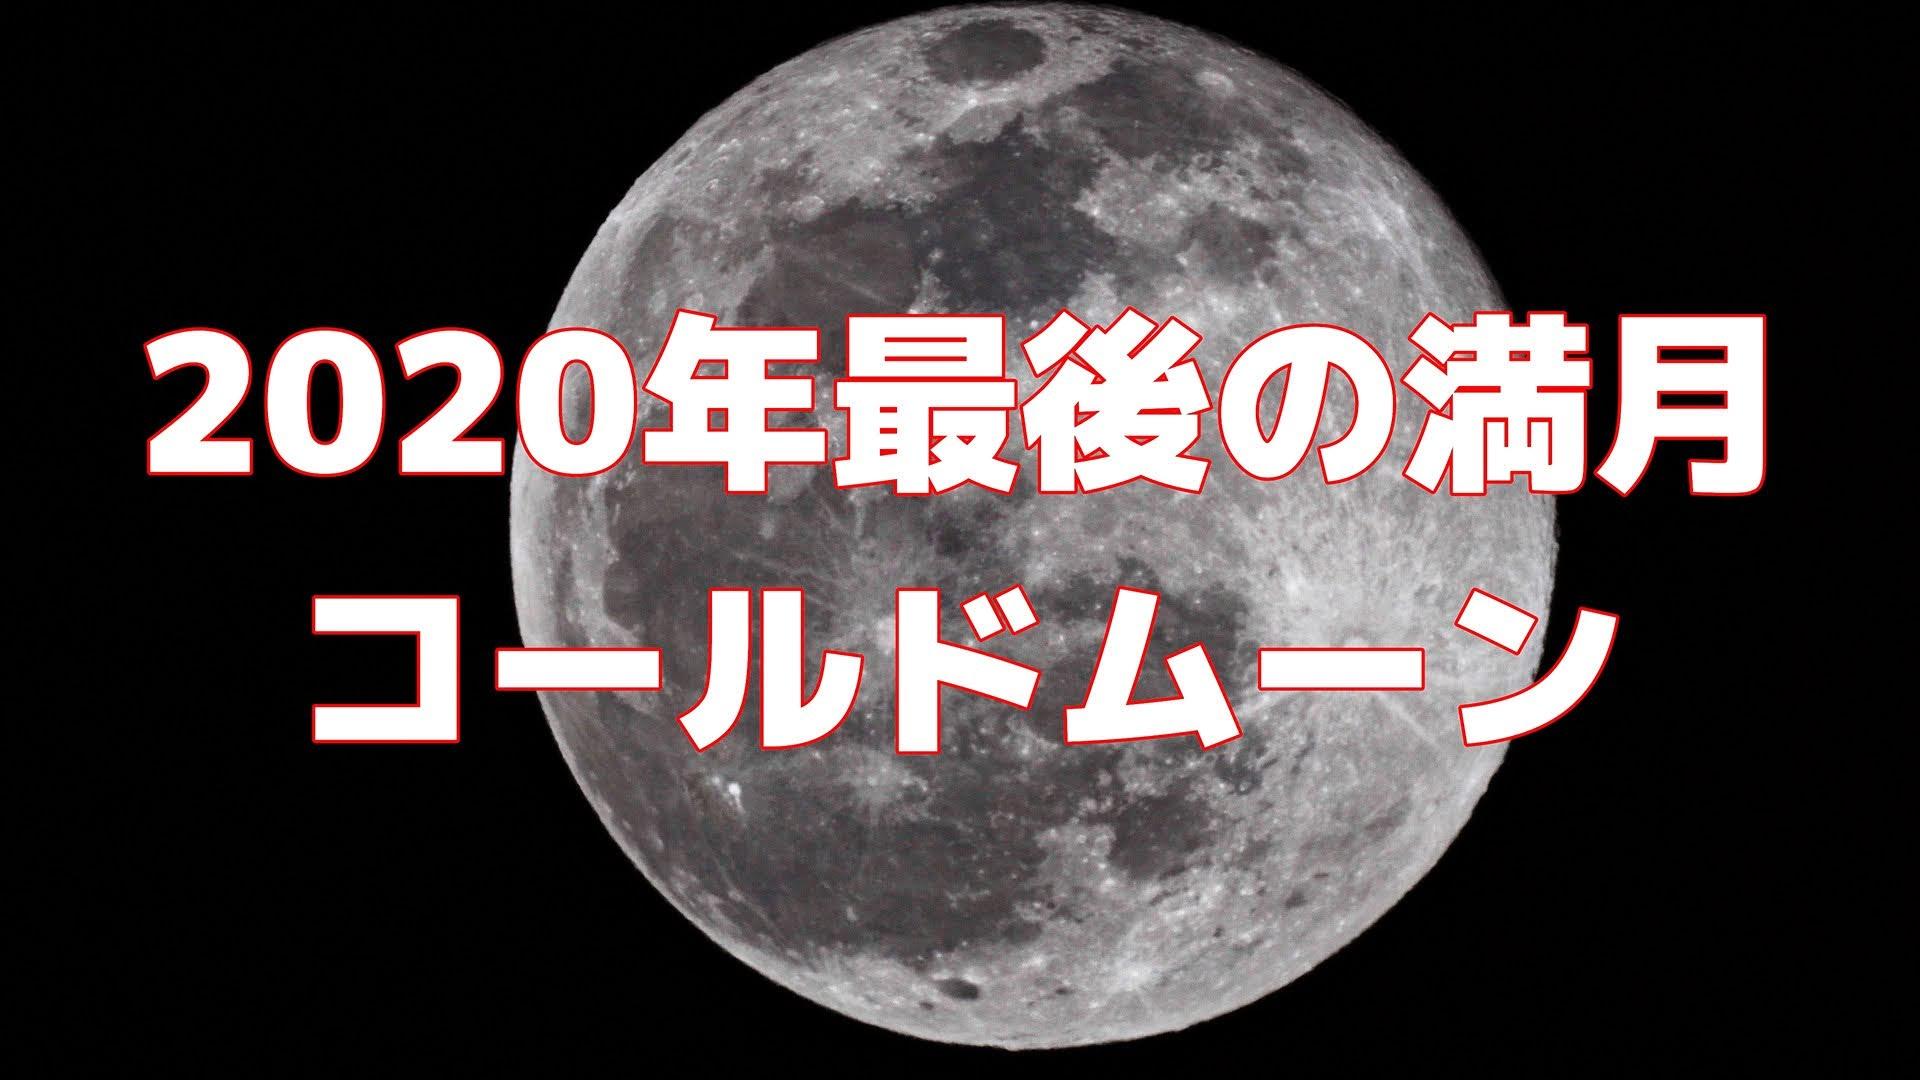 2020年最後の満月「コールドムーン(Cold Moon)」に飛行機が横切りました。